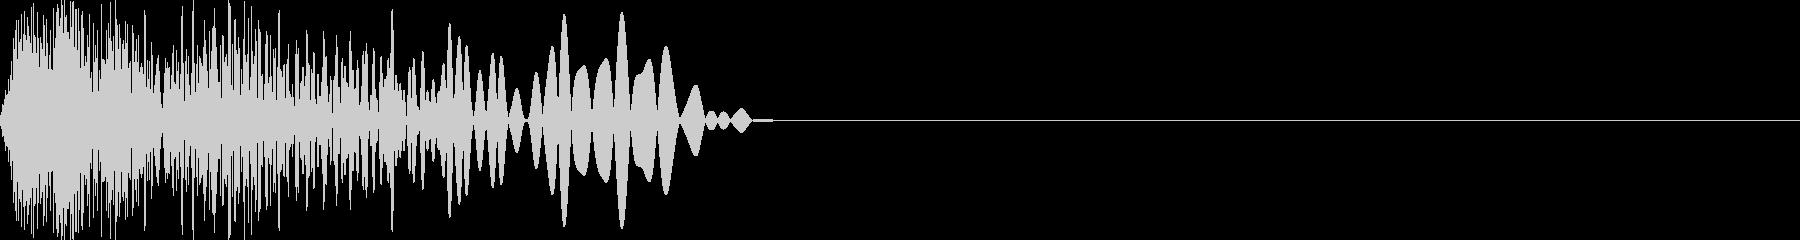 チューン(決定音)の未再生の波形